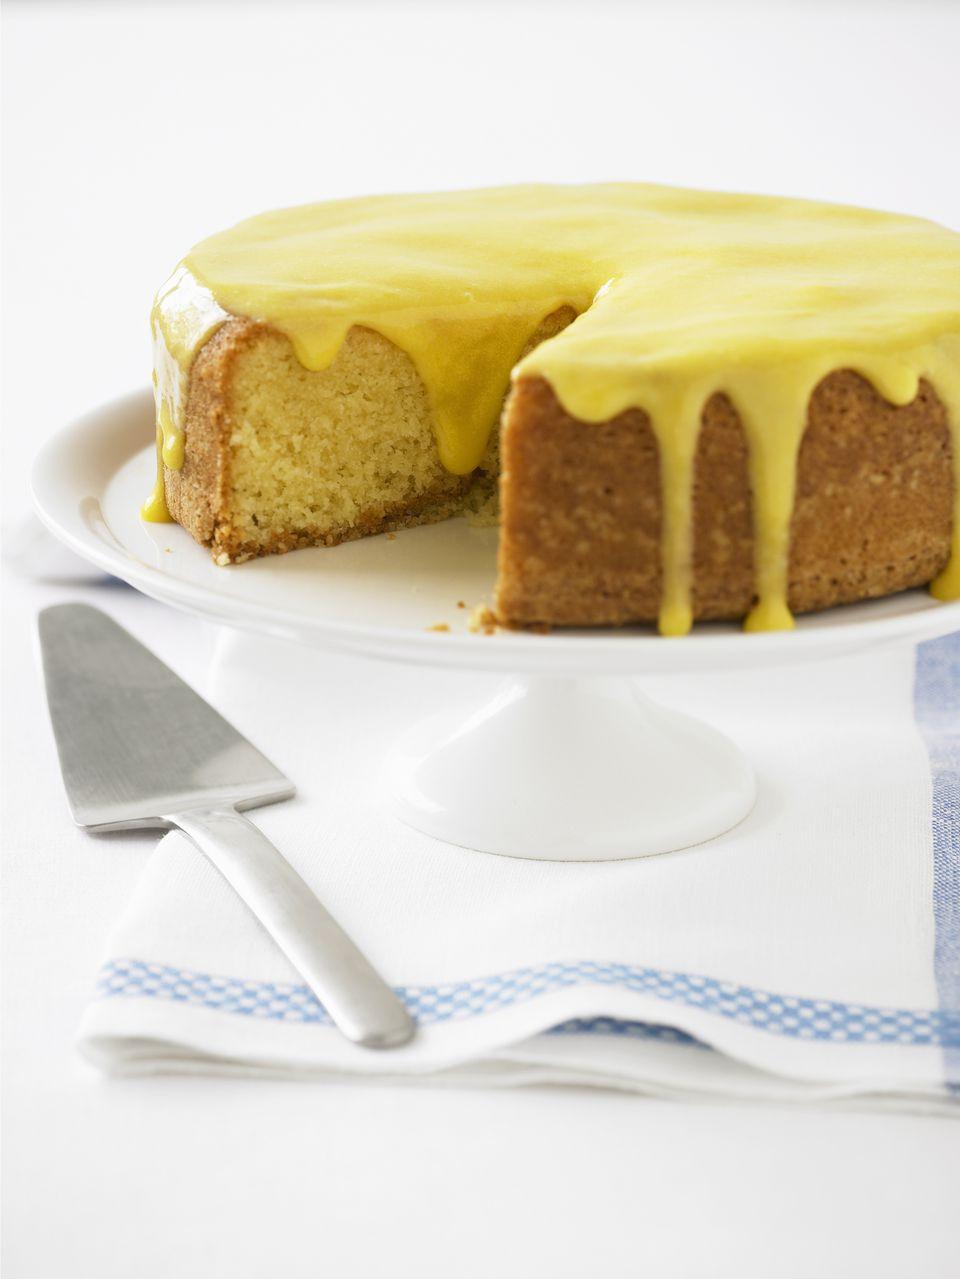 Lemon frosting cake